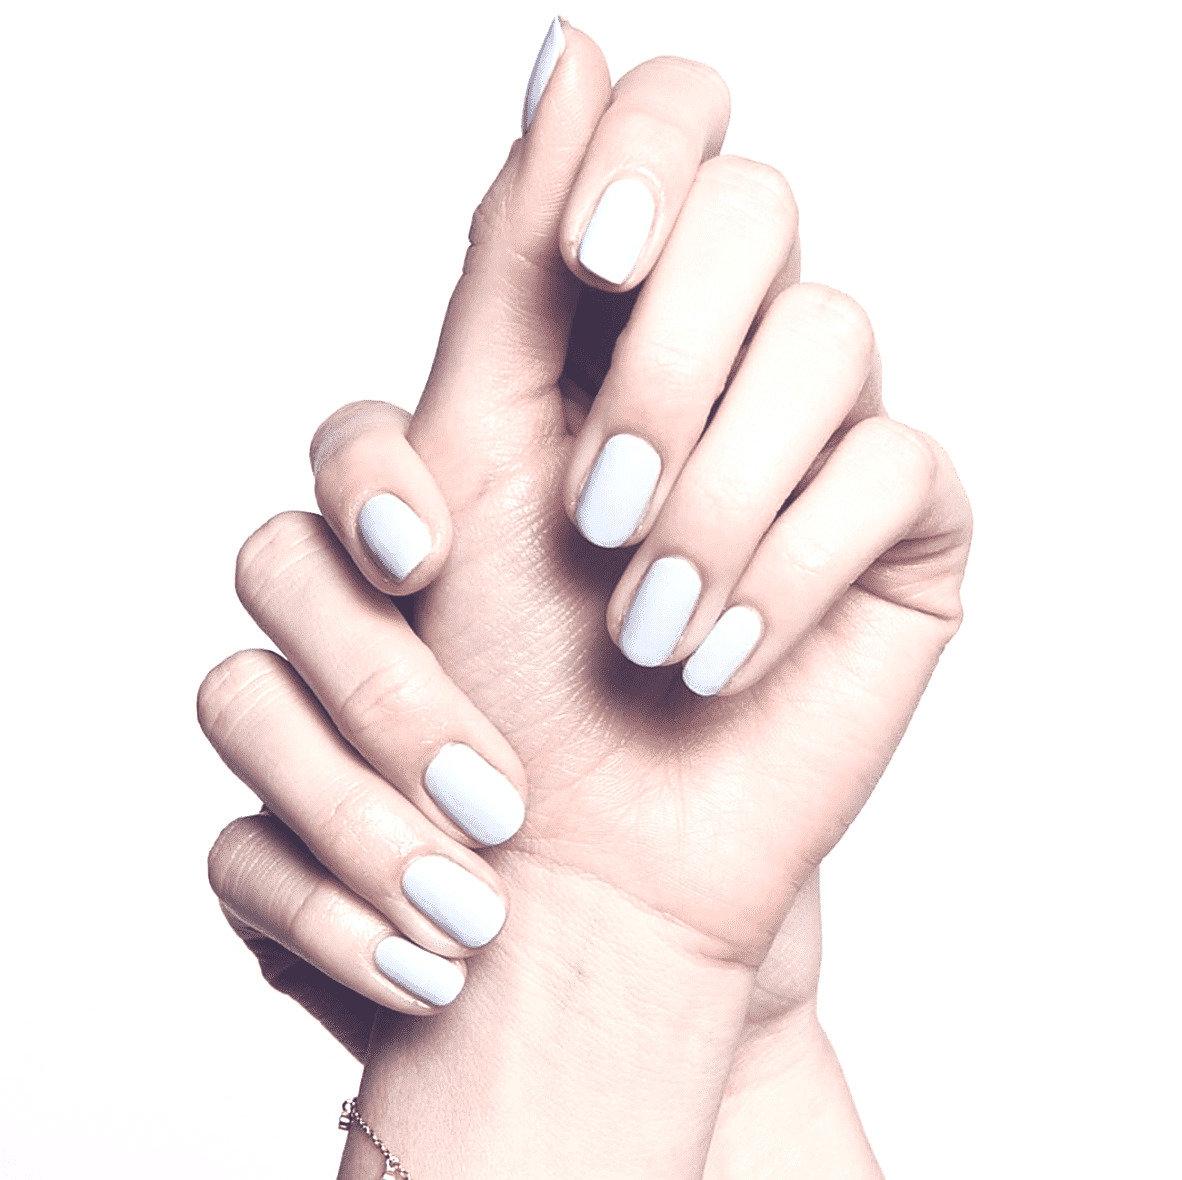 Eminence Organic Shellac Manicure